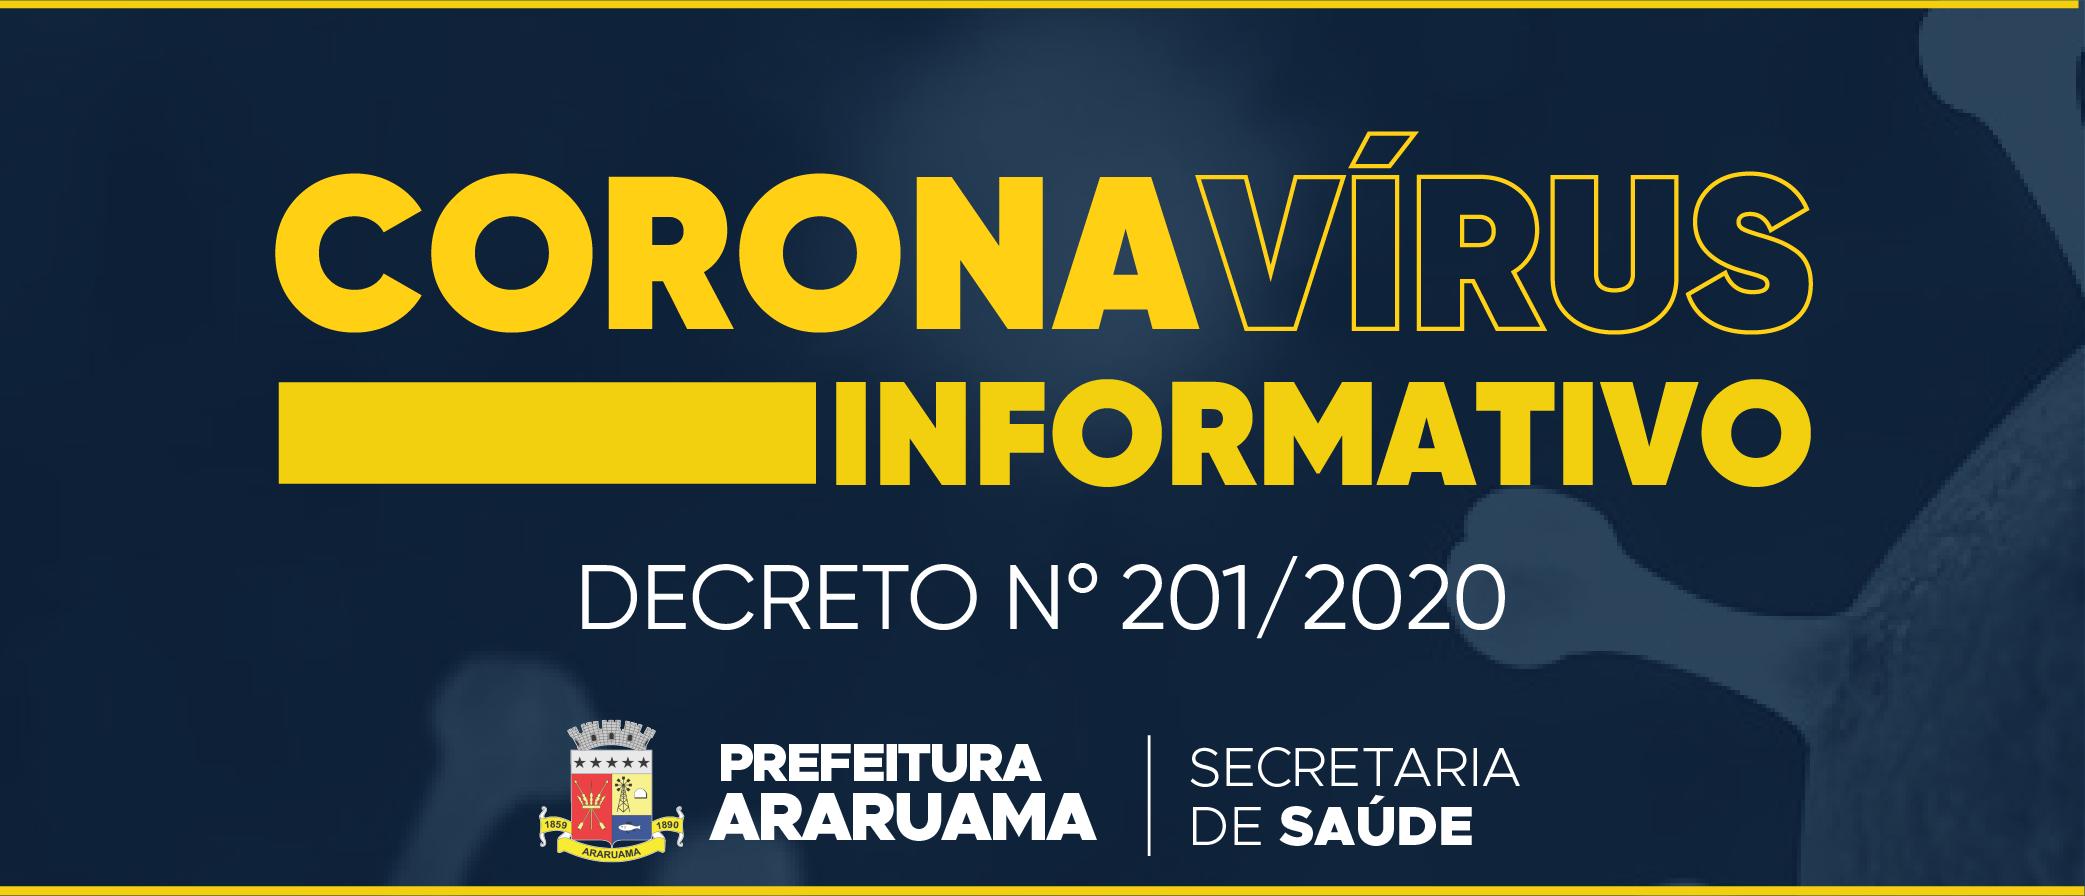 Prefeitura de Araruama publica decreto que trata da flexibilização parcial de atividades econômicas